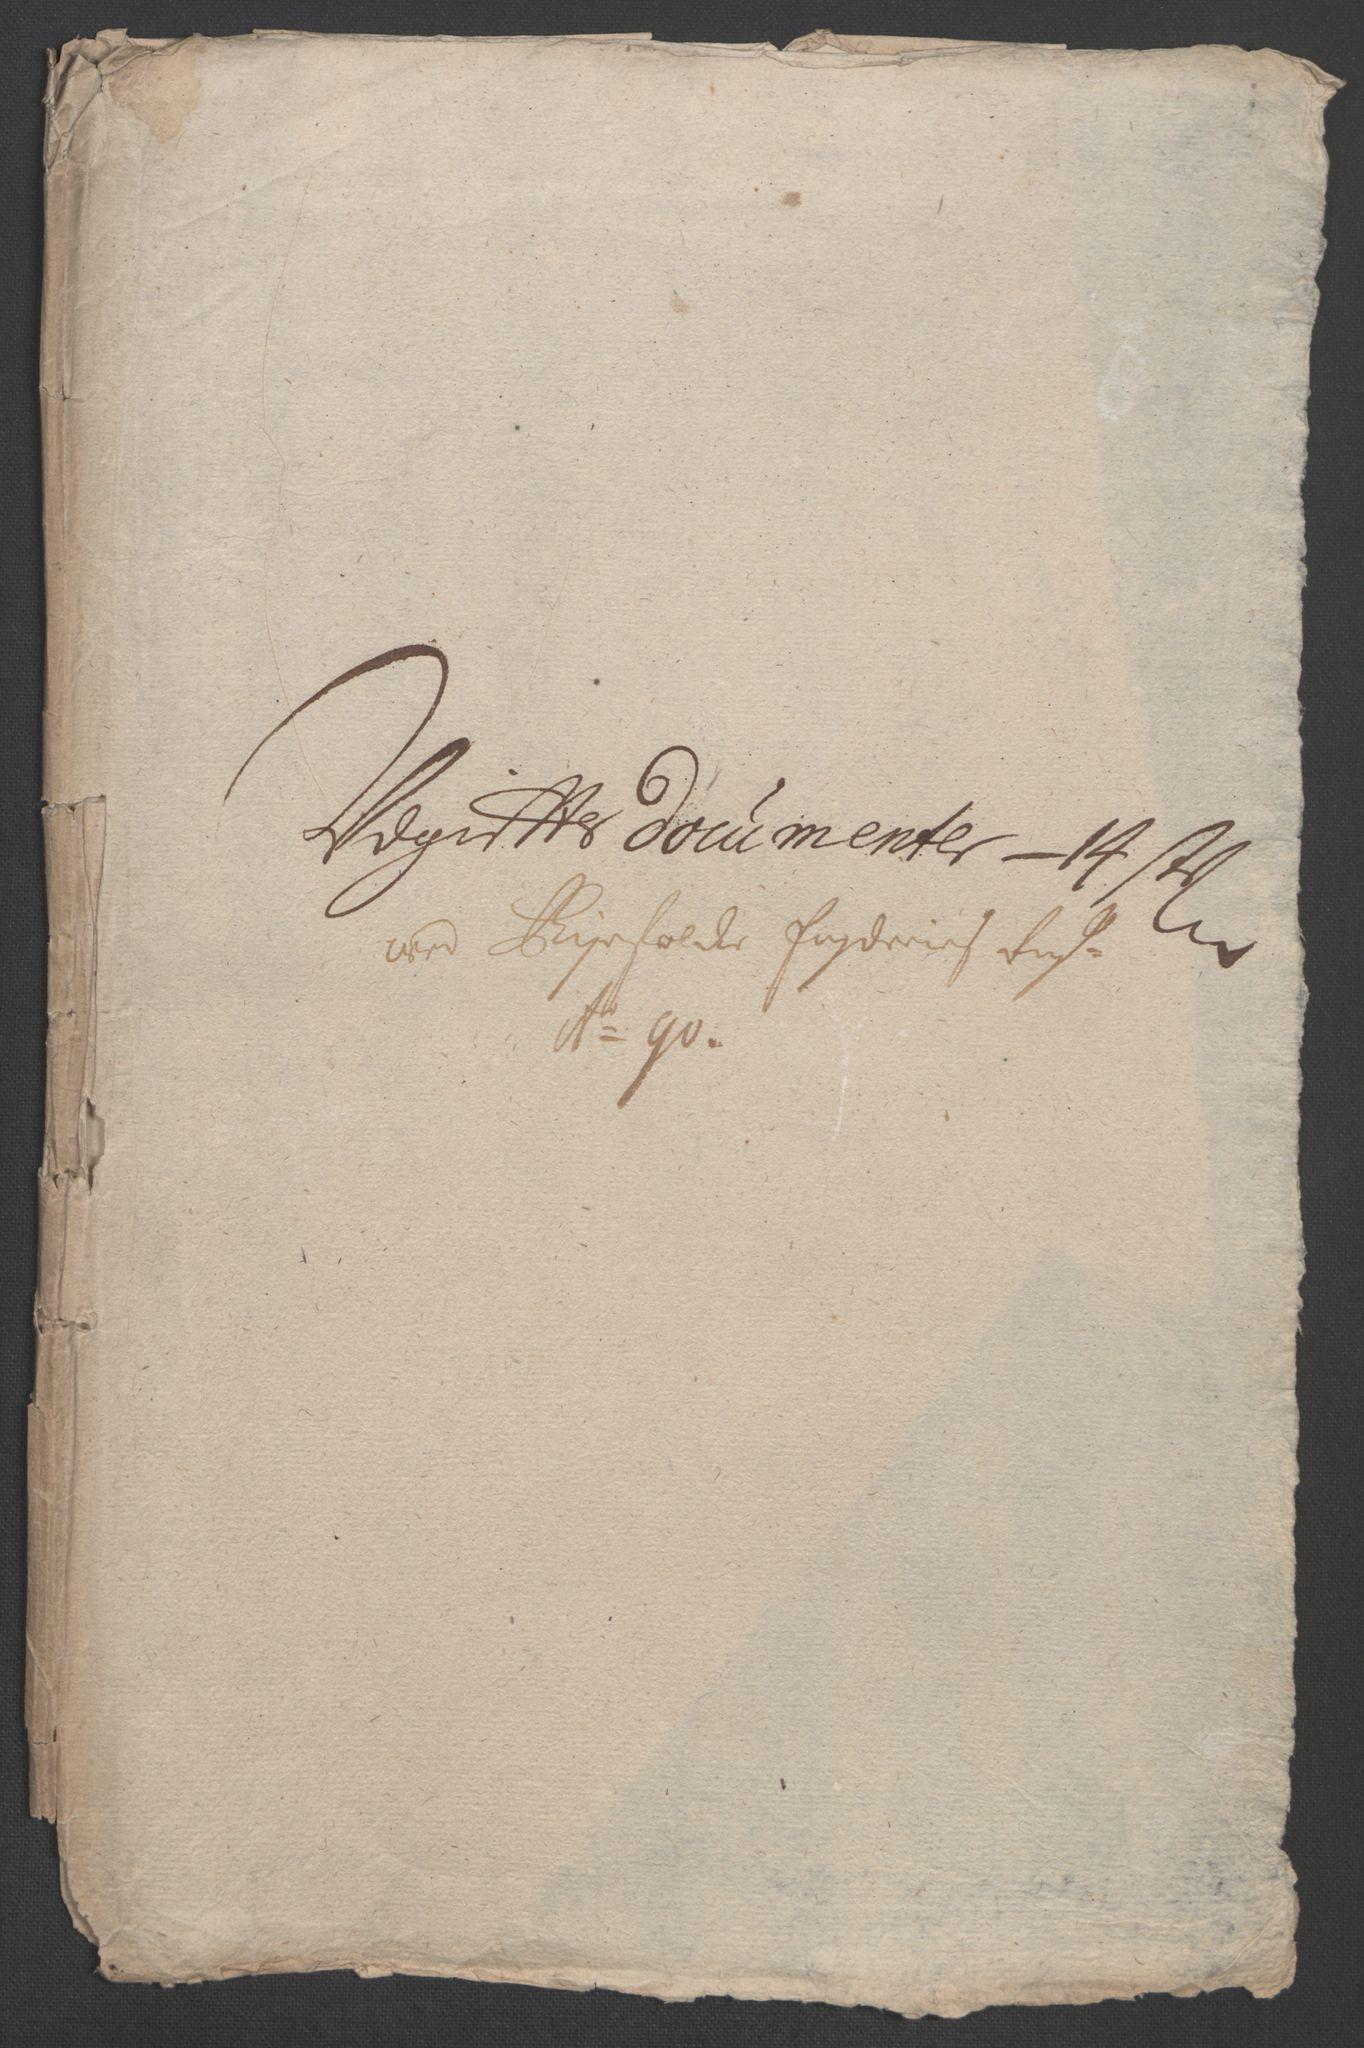 RA, Rentekammeret inntil 1814, Reviderte regnskaper, Fogderegnskap, R47/L2856: Fogderegnskap Ryfylke, 1689-1693, s. 235